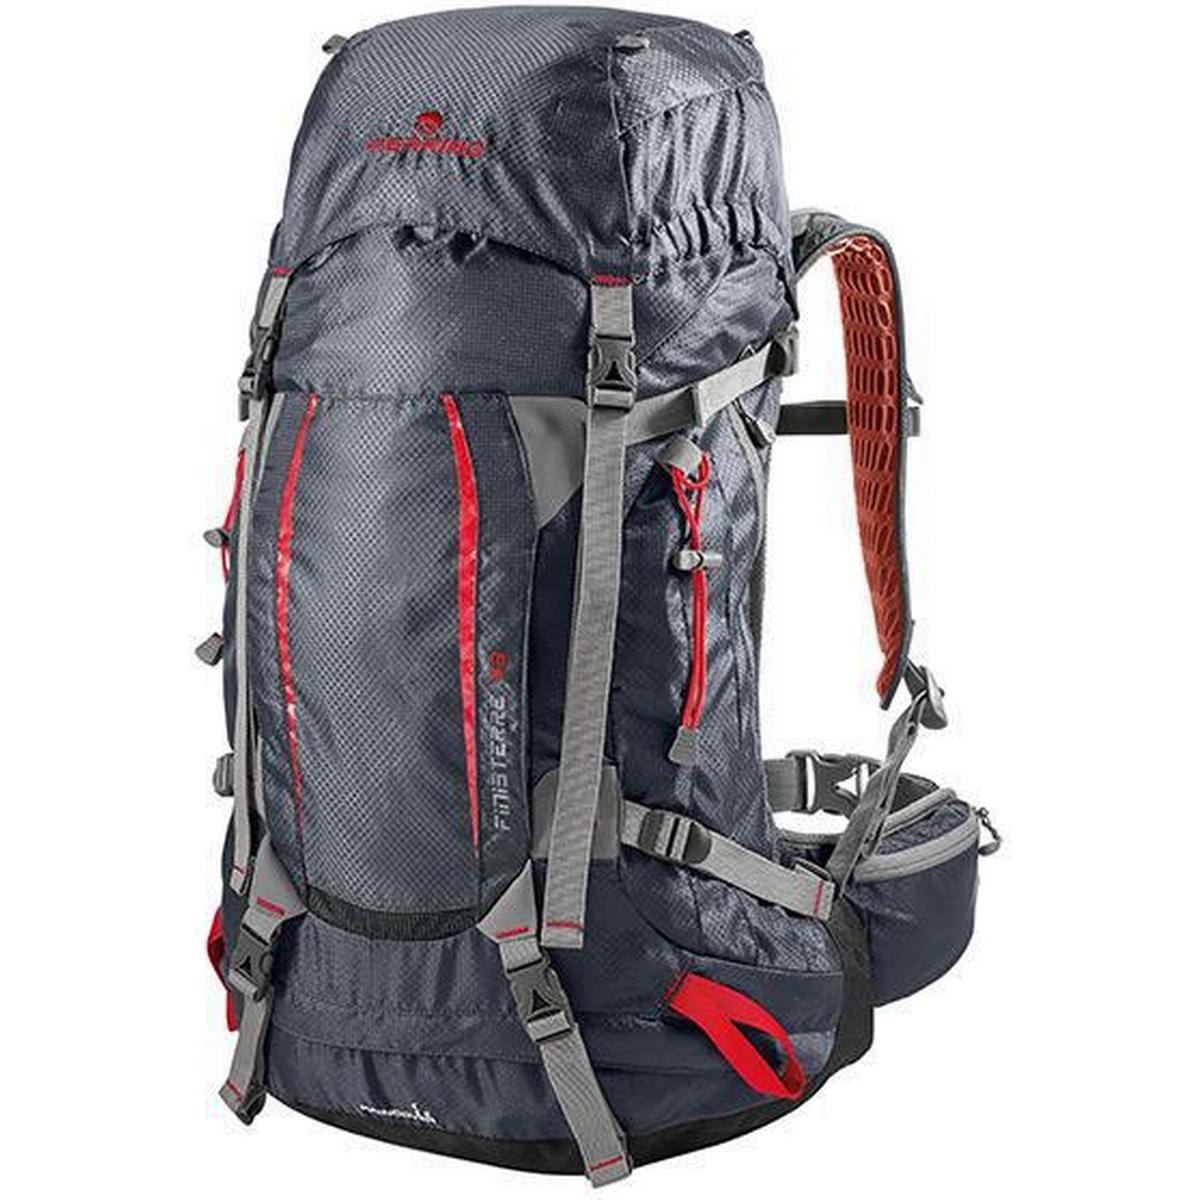 Ferrino Ryggsäckar (31 produkter) hos PriceRunner • Se